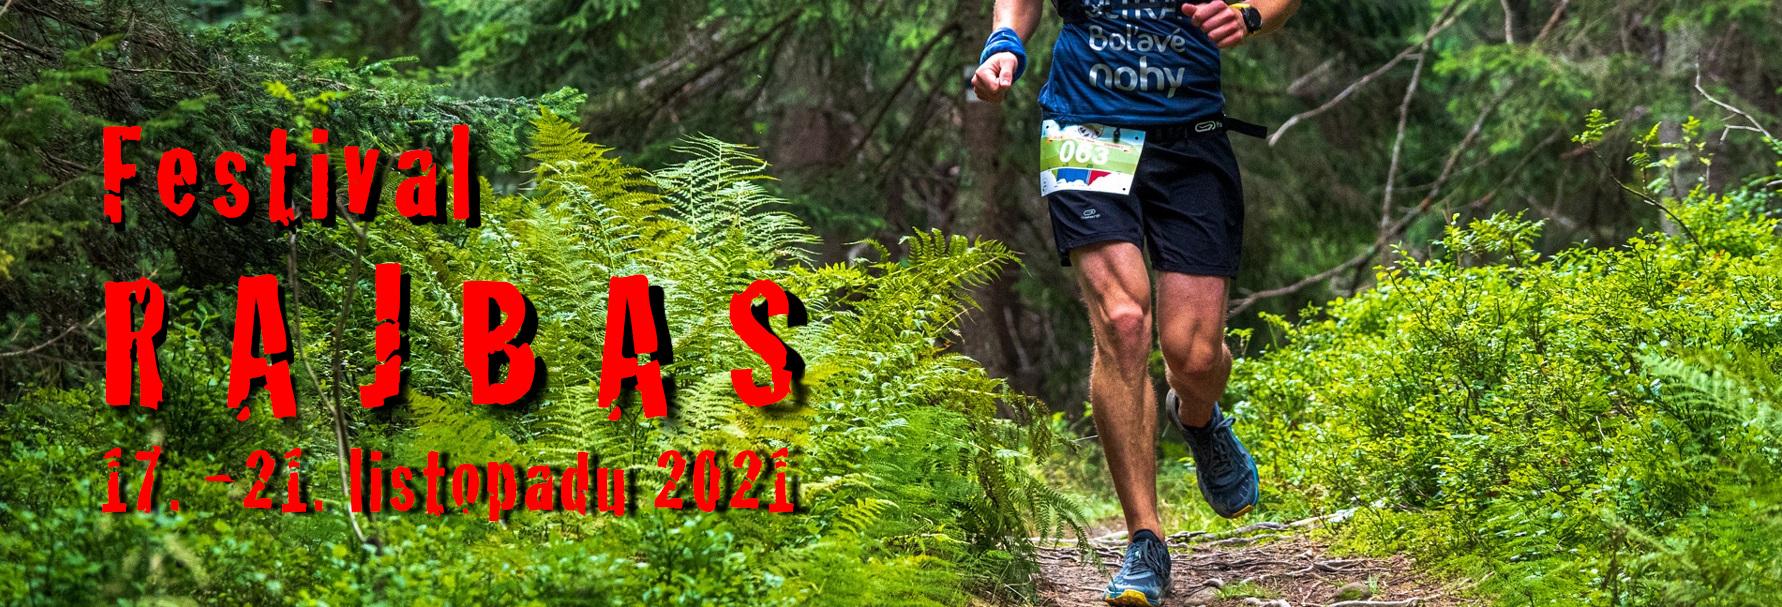 2021-Festival RABJAS